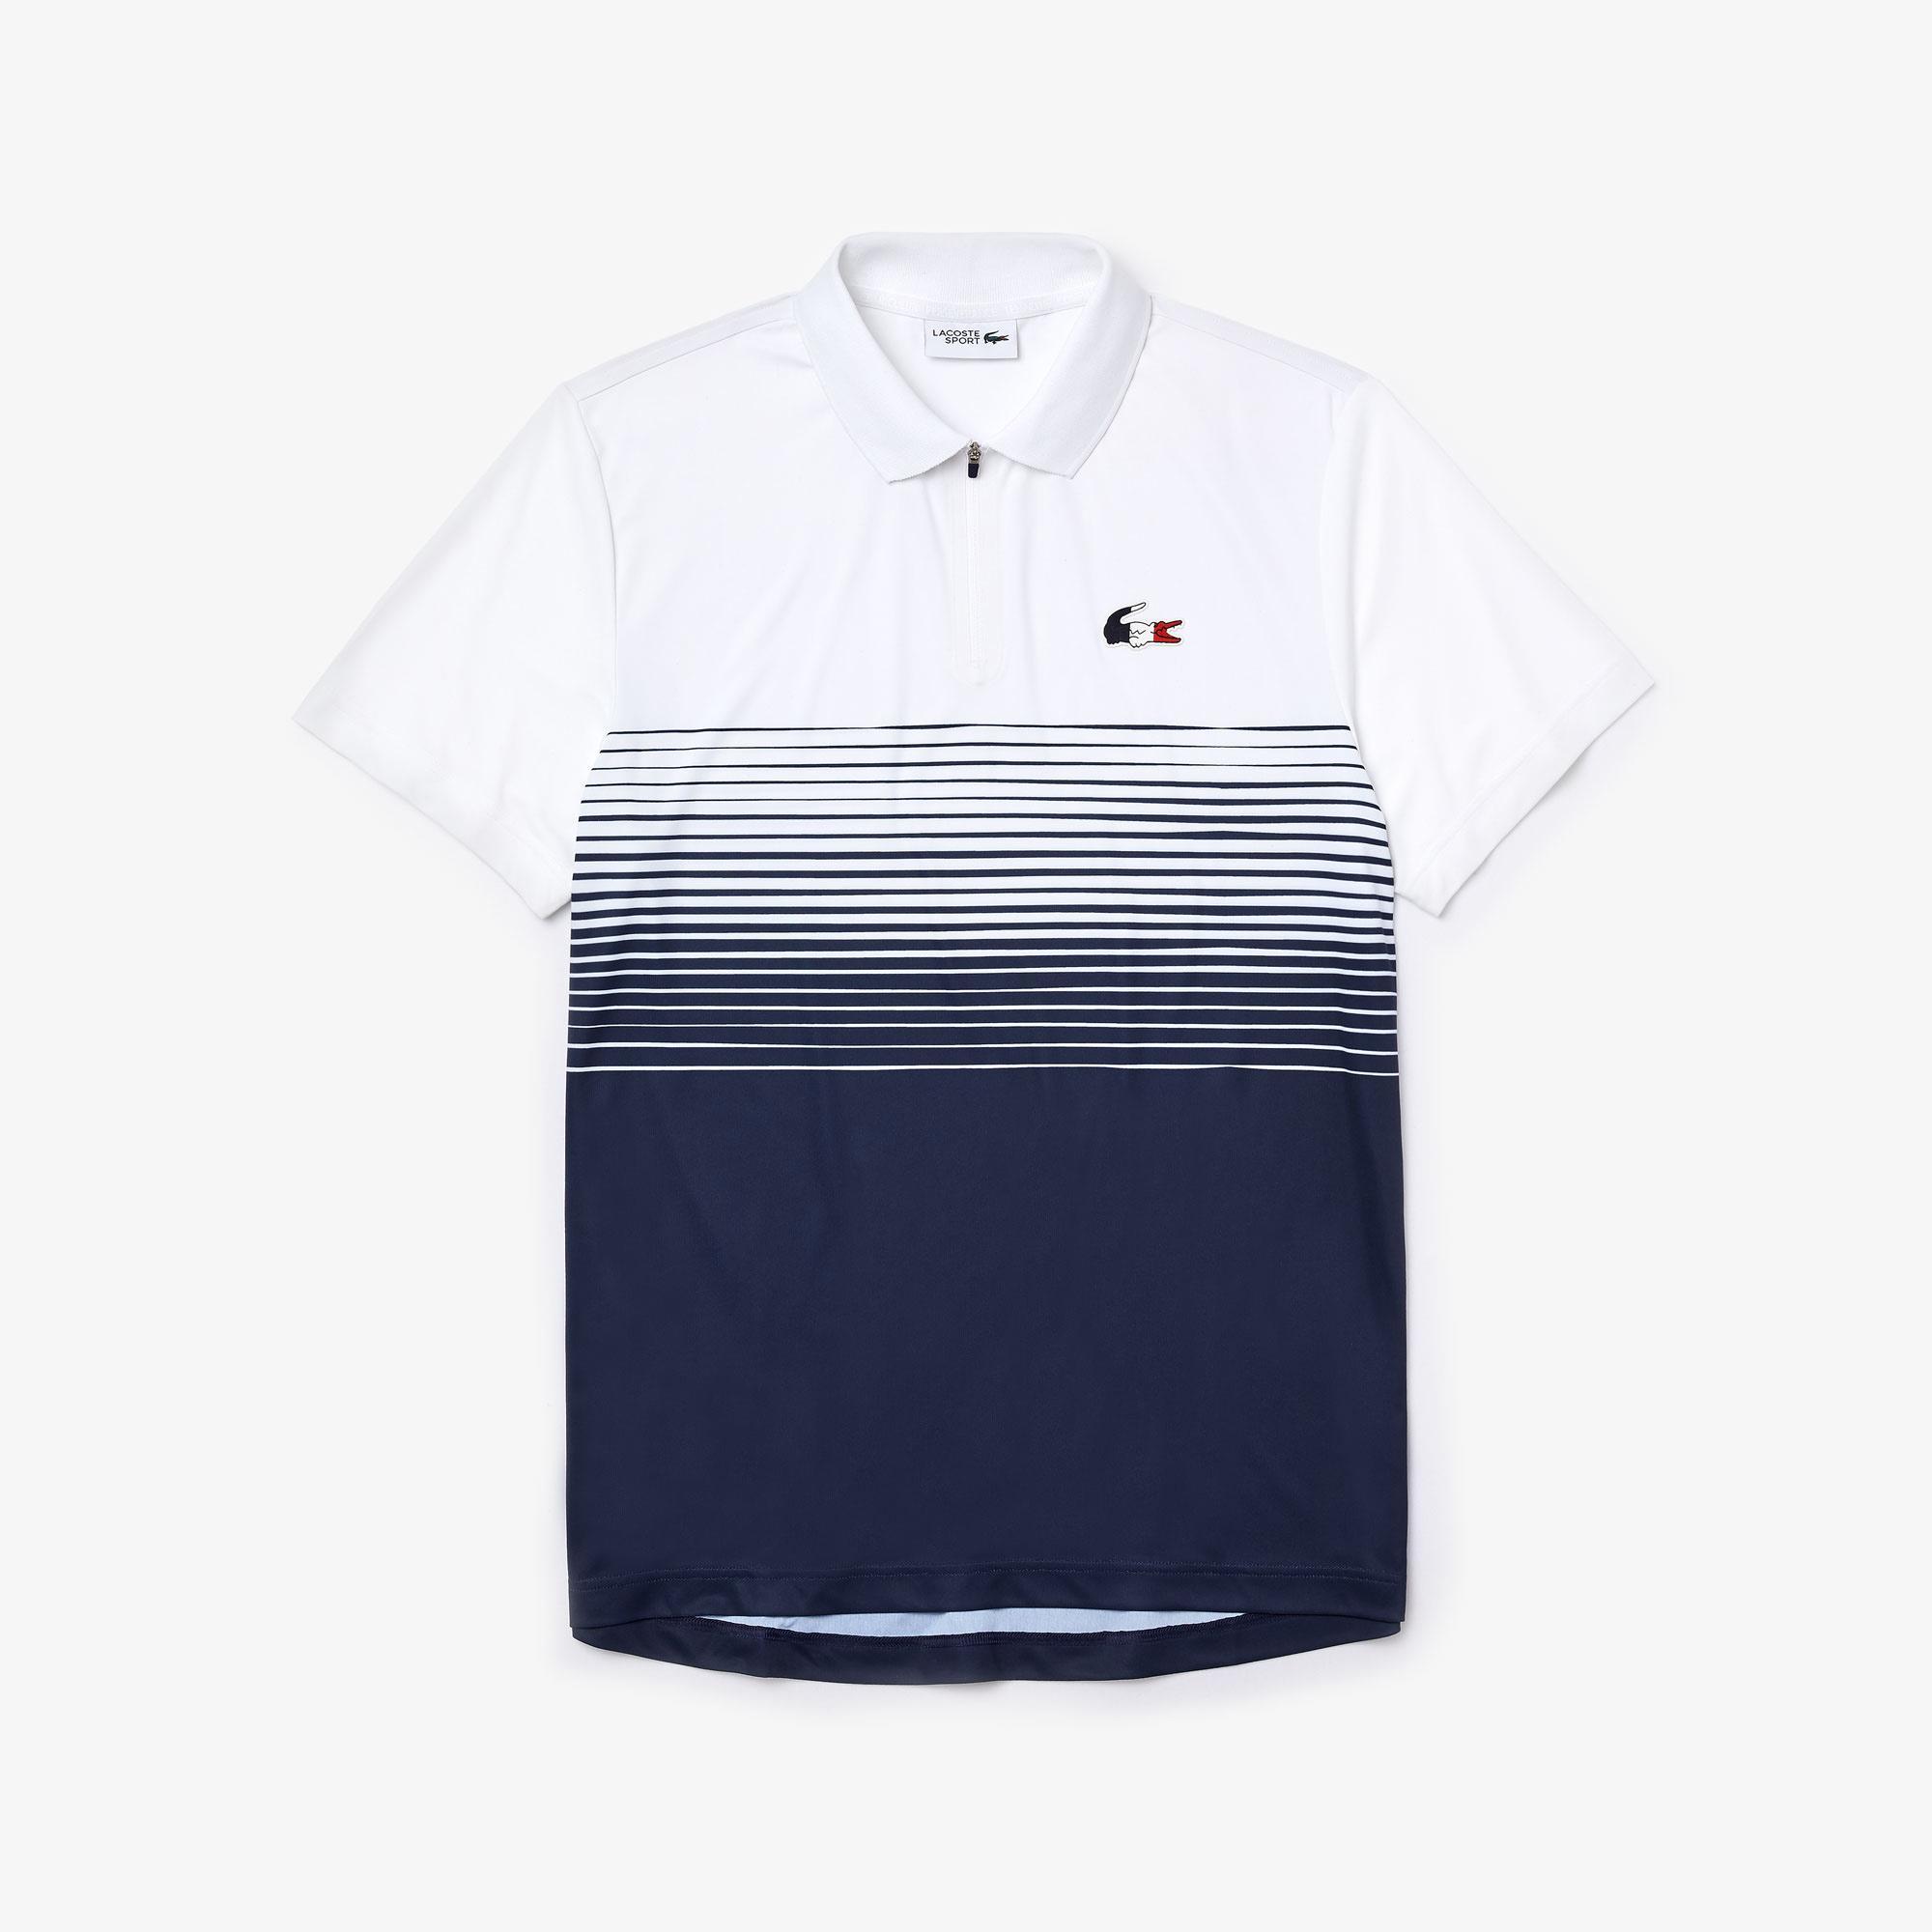 Lacoste X Tokyo Olympics Sport Erkek Renk Bloklu Fermuarlı Yaka Lacivert - Beyaz Polo